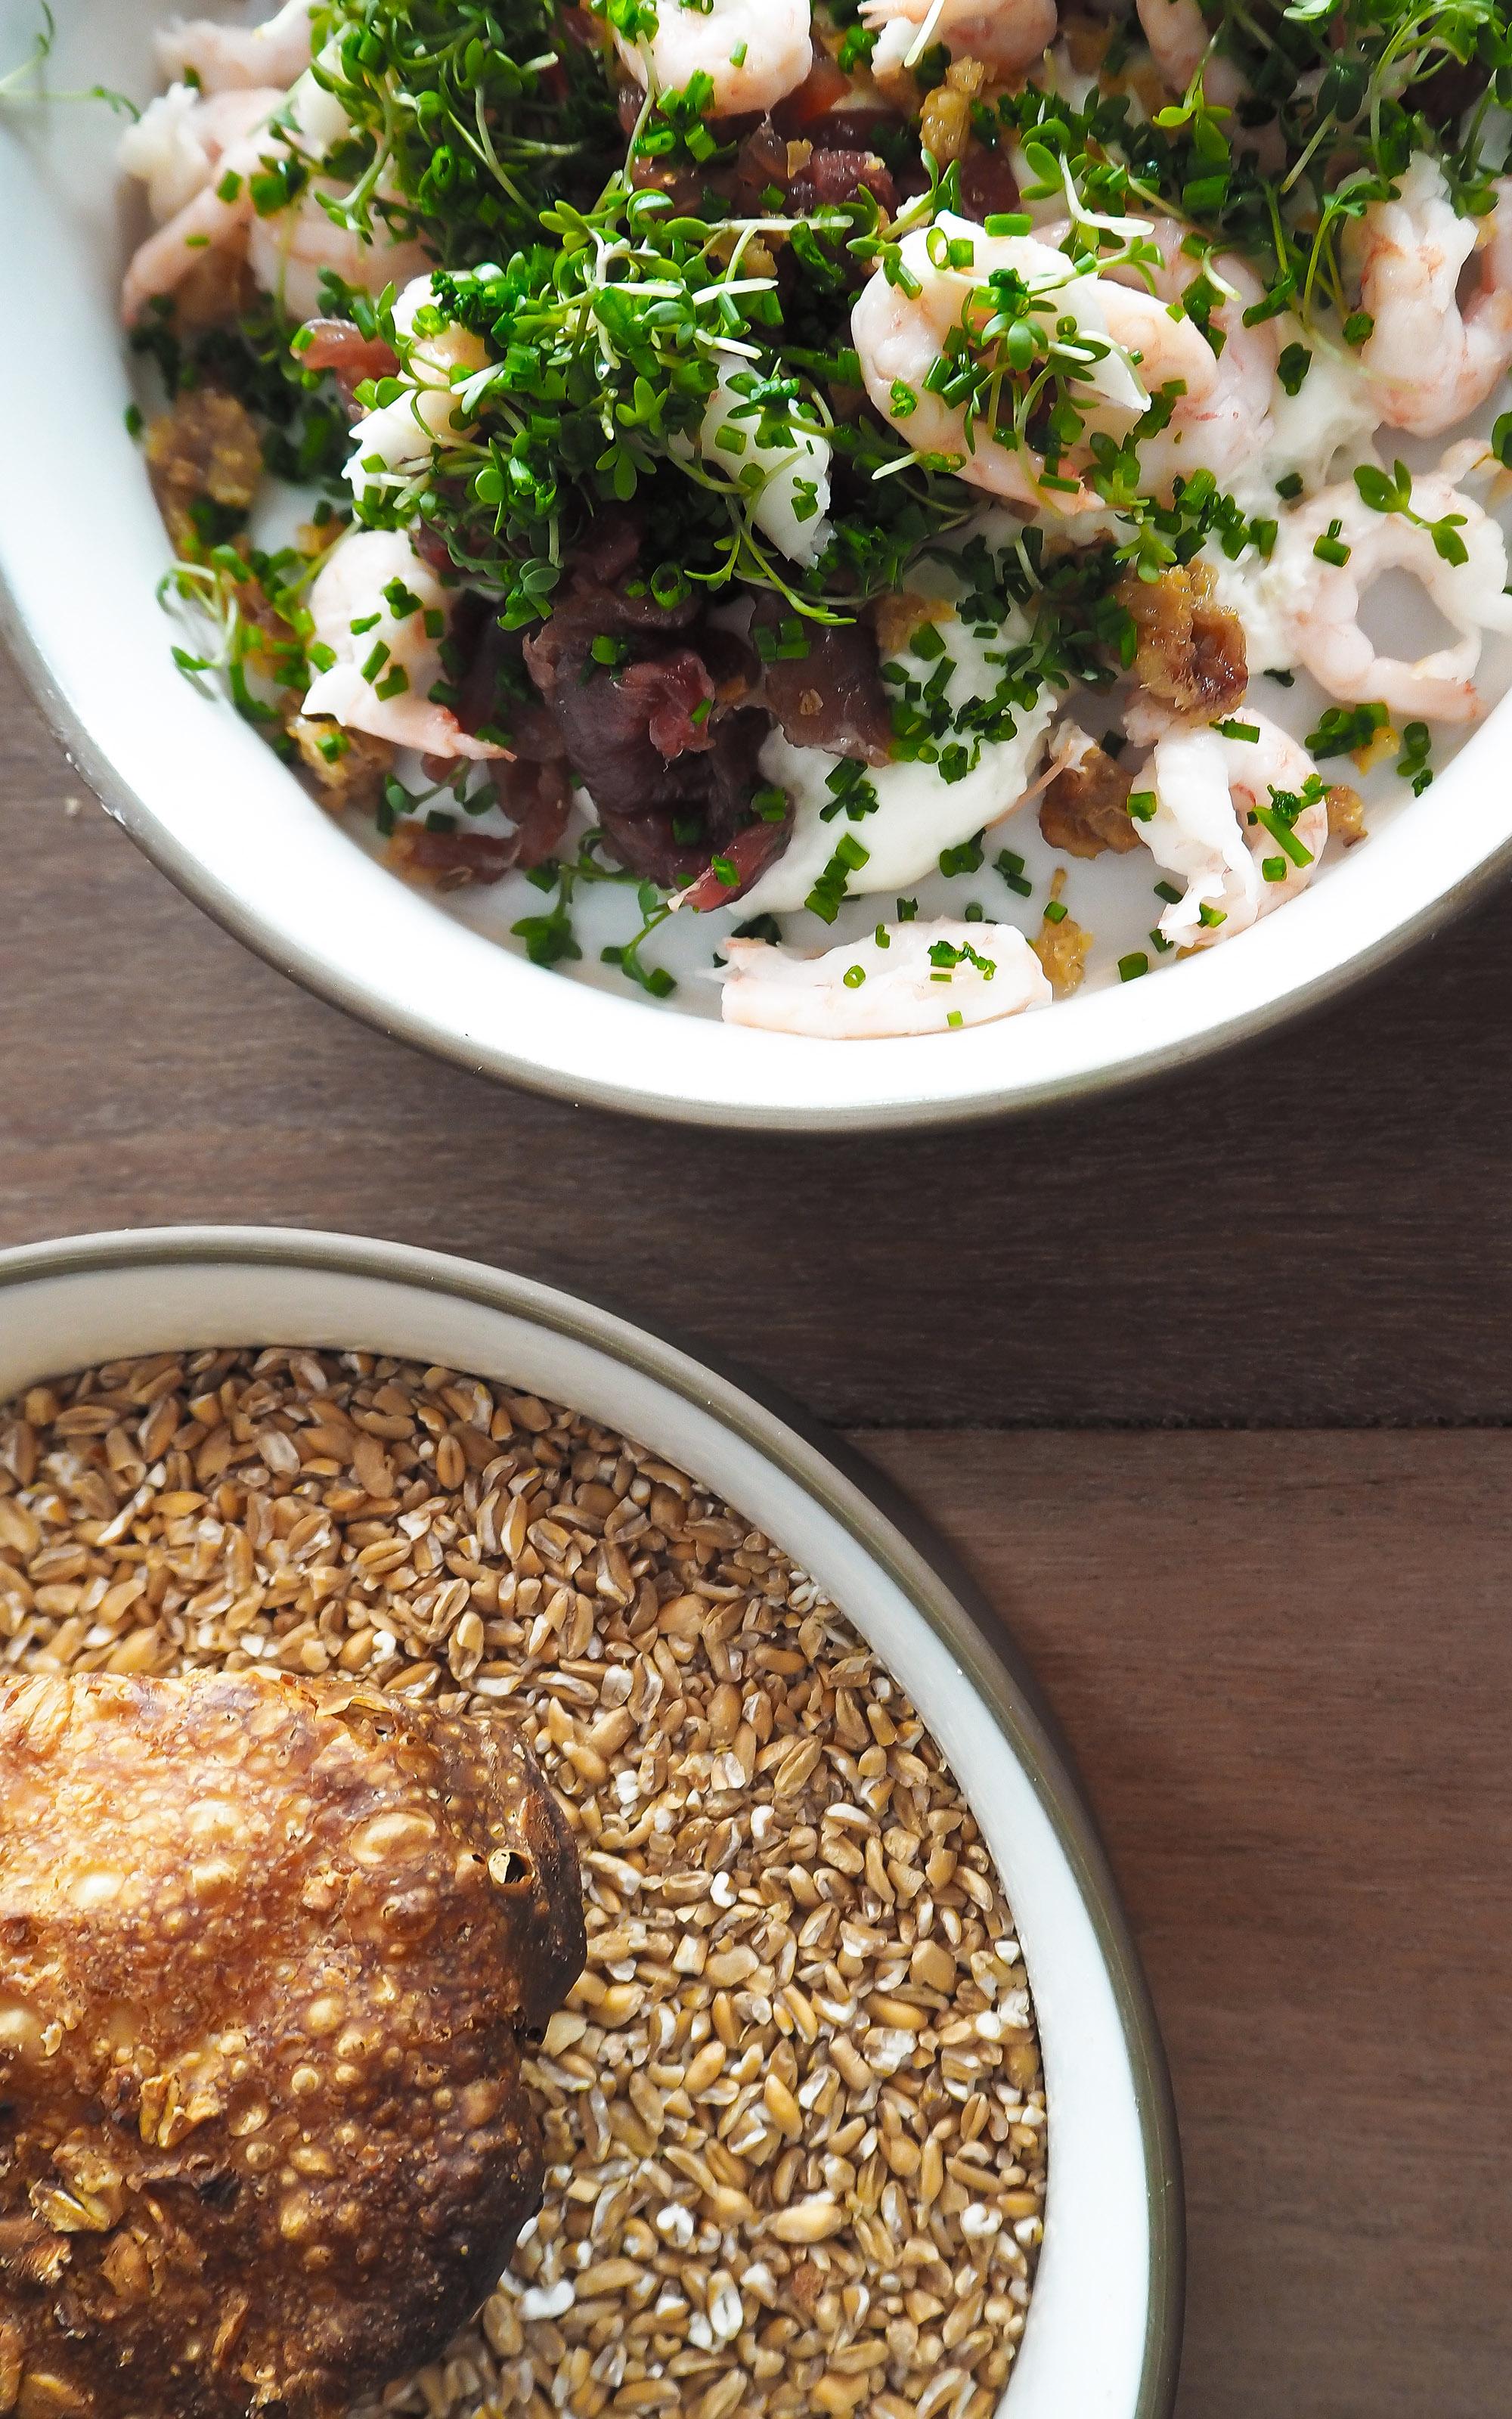 Väkst Copenhagen, Danish restaurant, where to eat in Copenhagen, nordic food, nordic cuisine